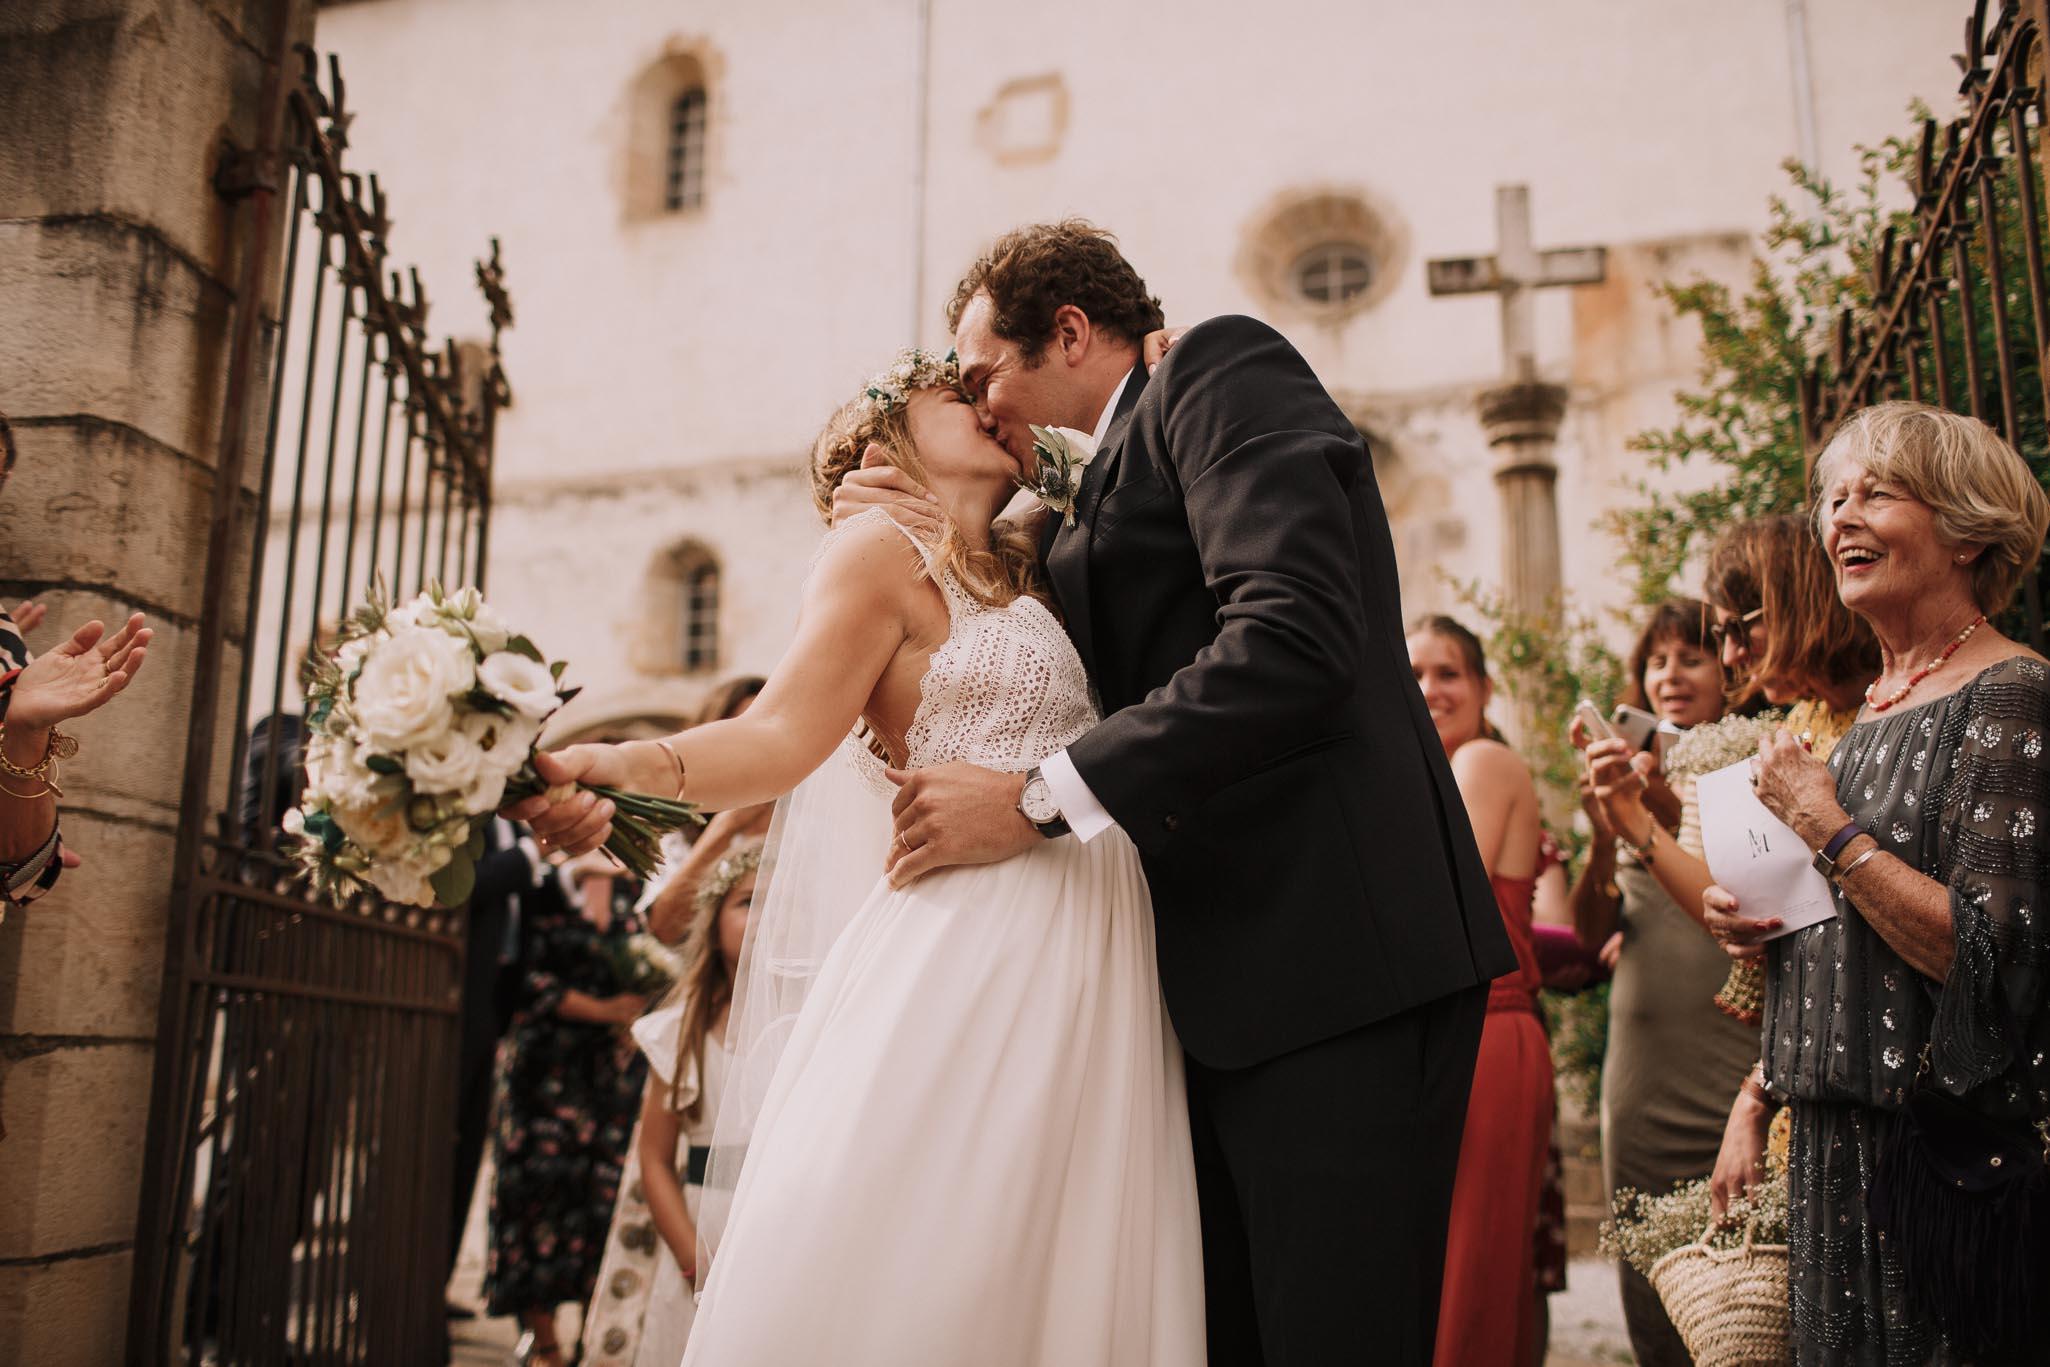 Photographe-mariage-bordeaux-jeremy-boyer-pays-basque-ihartze-artea-sare-robe-eleonore-pauc-couple-amour-82.jpg